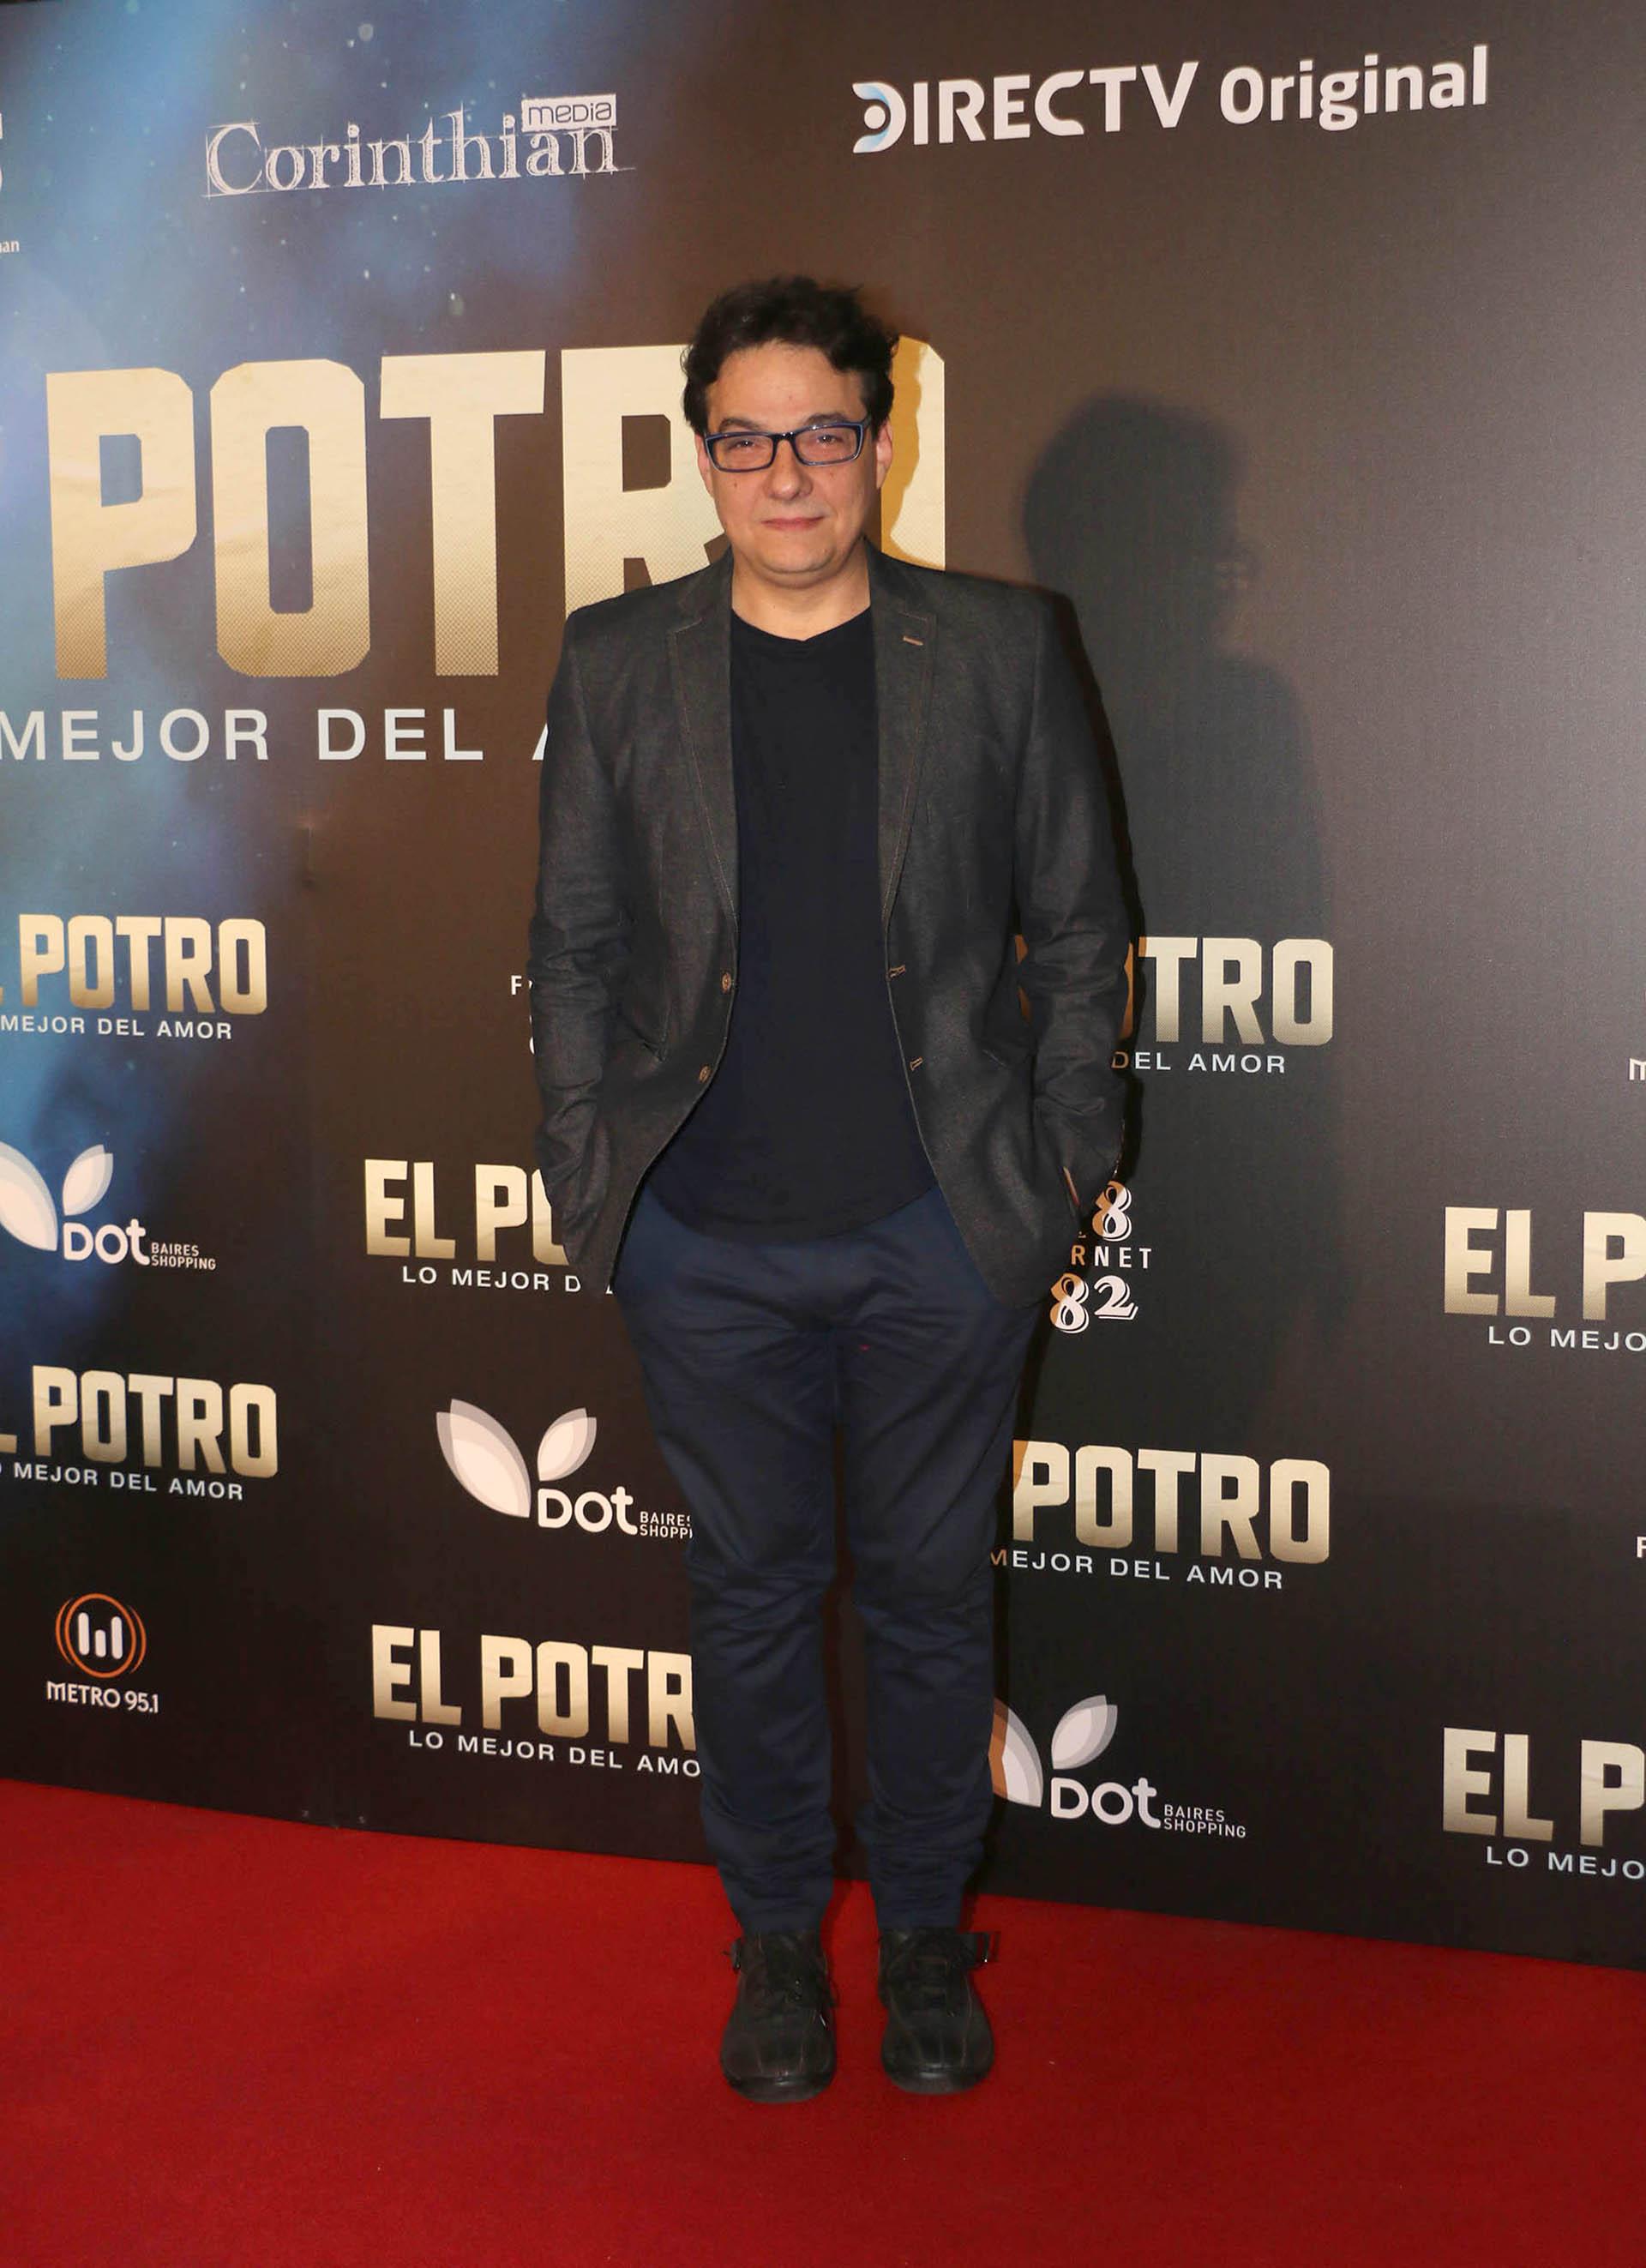 Flor Peña Jimena Barón Rodrigo Romero La China Suárez Y Todos Los